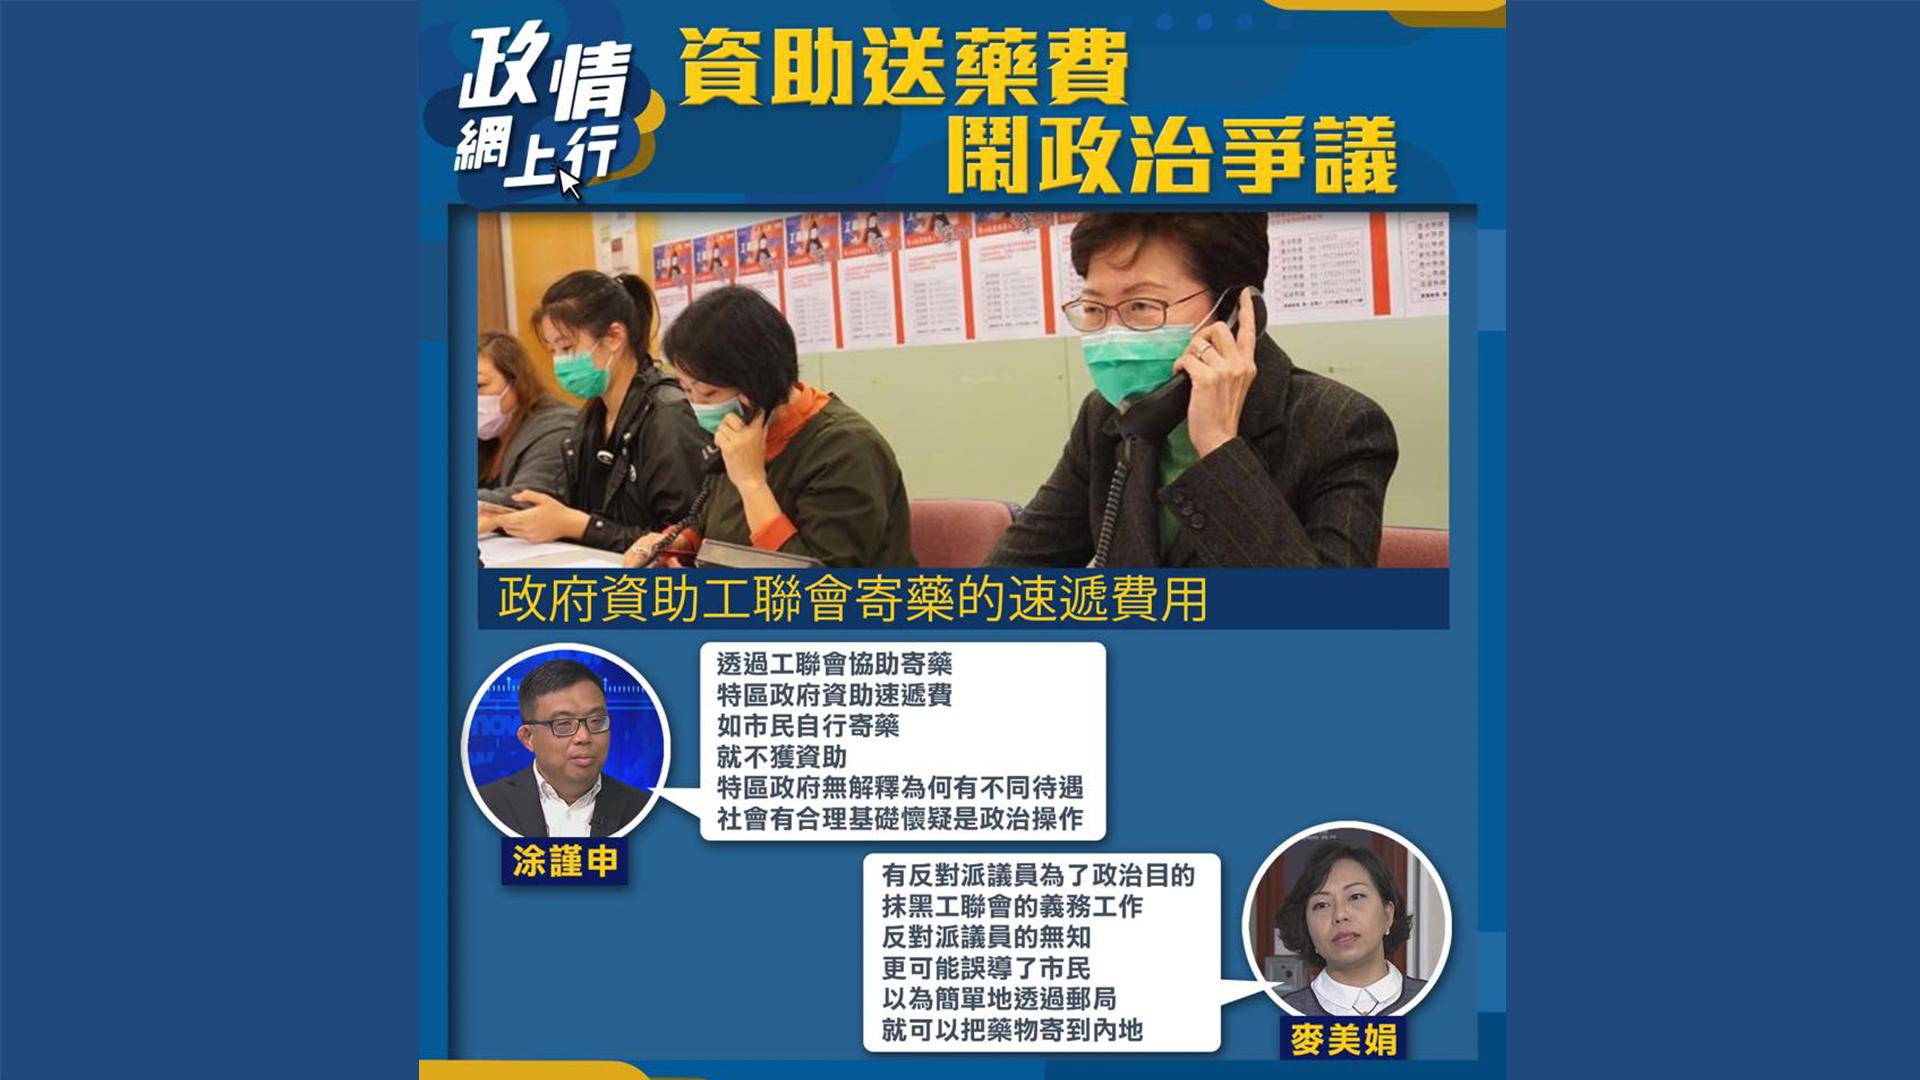 【政情網上行】資助送藥費 鬧政治爭議